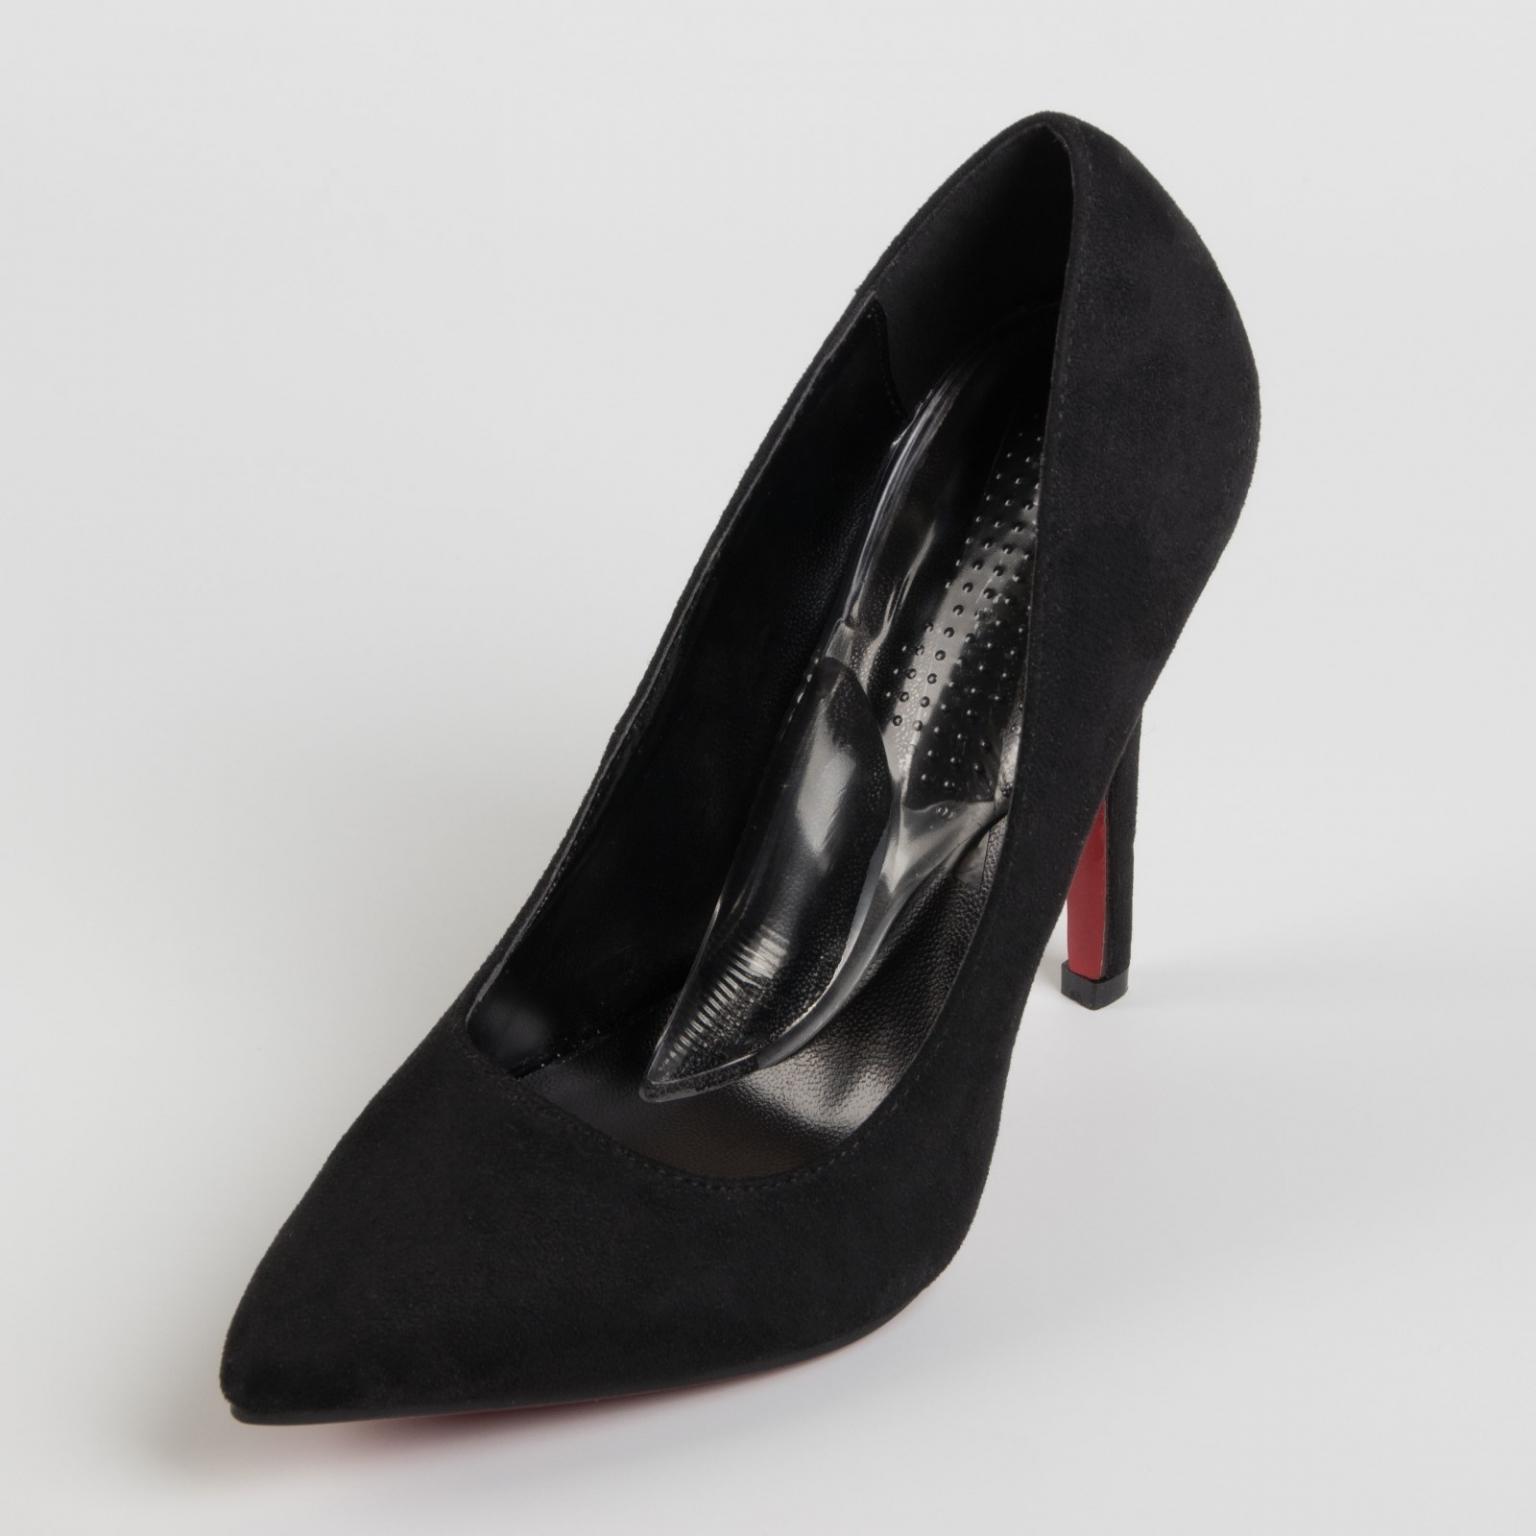 Подпяточники для обуви, с супинатором, на клеевой основе, силиконовые, 15,5*5,5 см, пара, цвет прозрачный